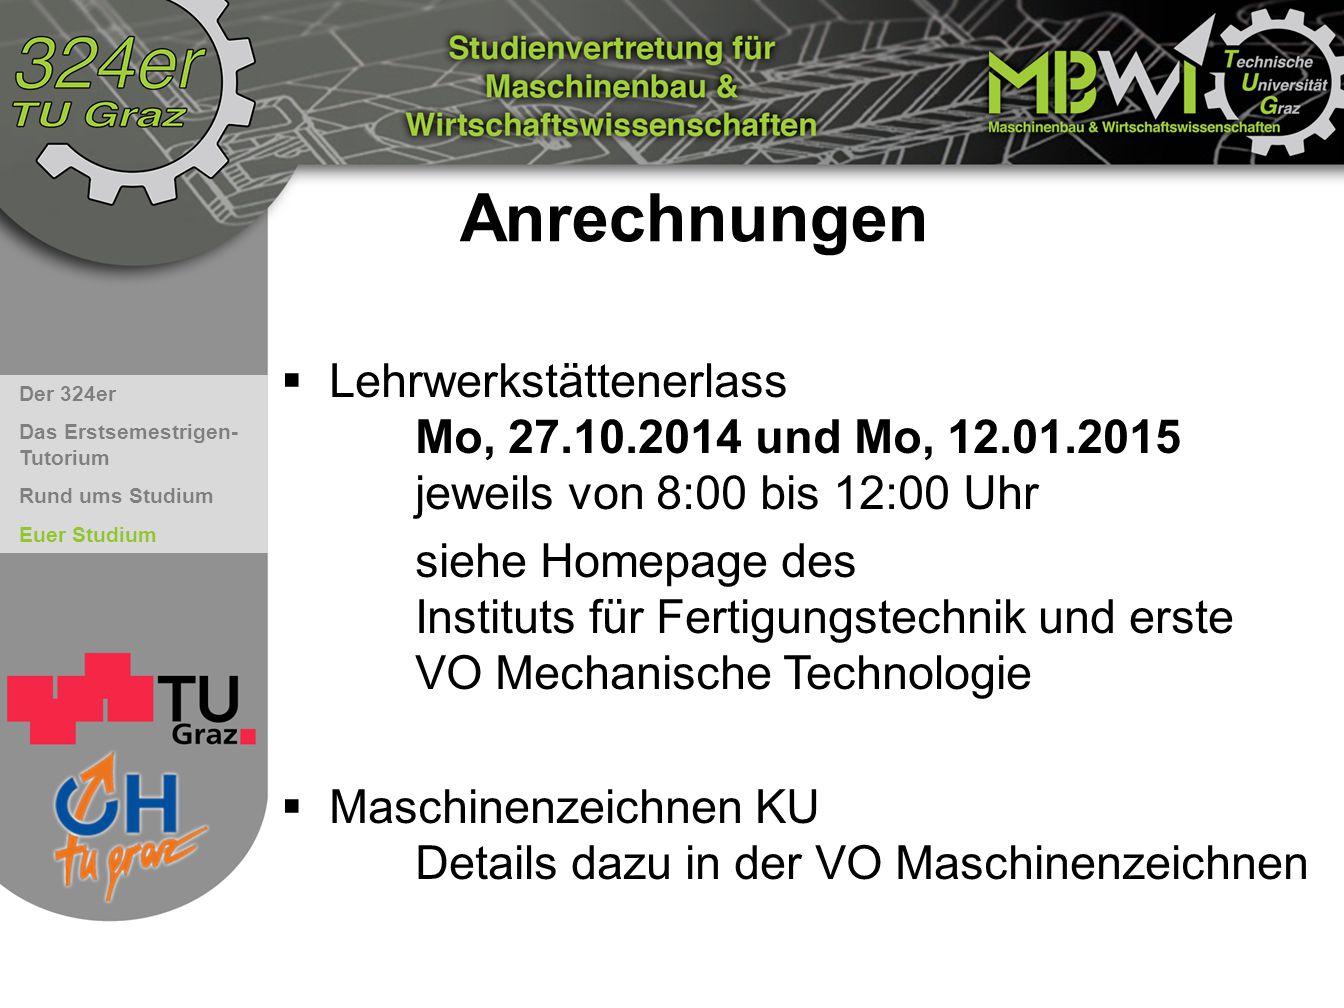 Anrechnungen Lehrwerkstättenerlass Mo, 27.10.2014 und Mo, 12.01.2015 jeweils von 8:00 bis 12:00 Uhr.